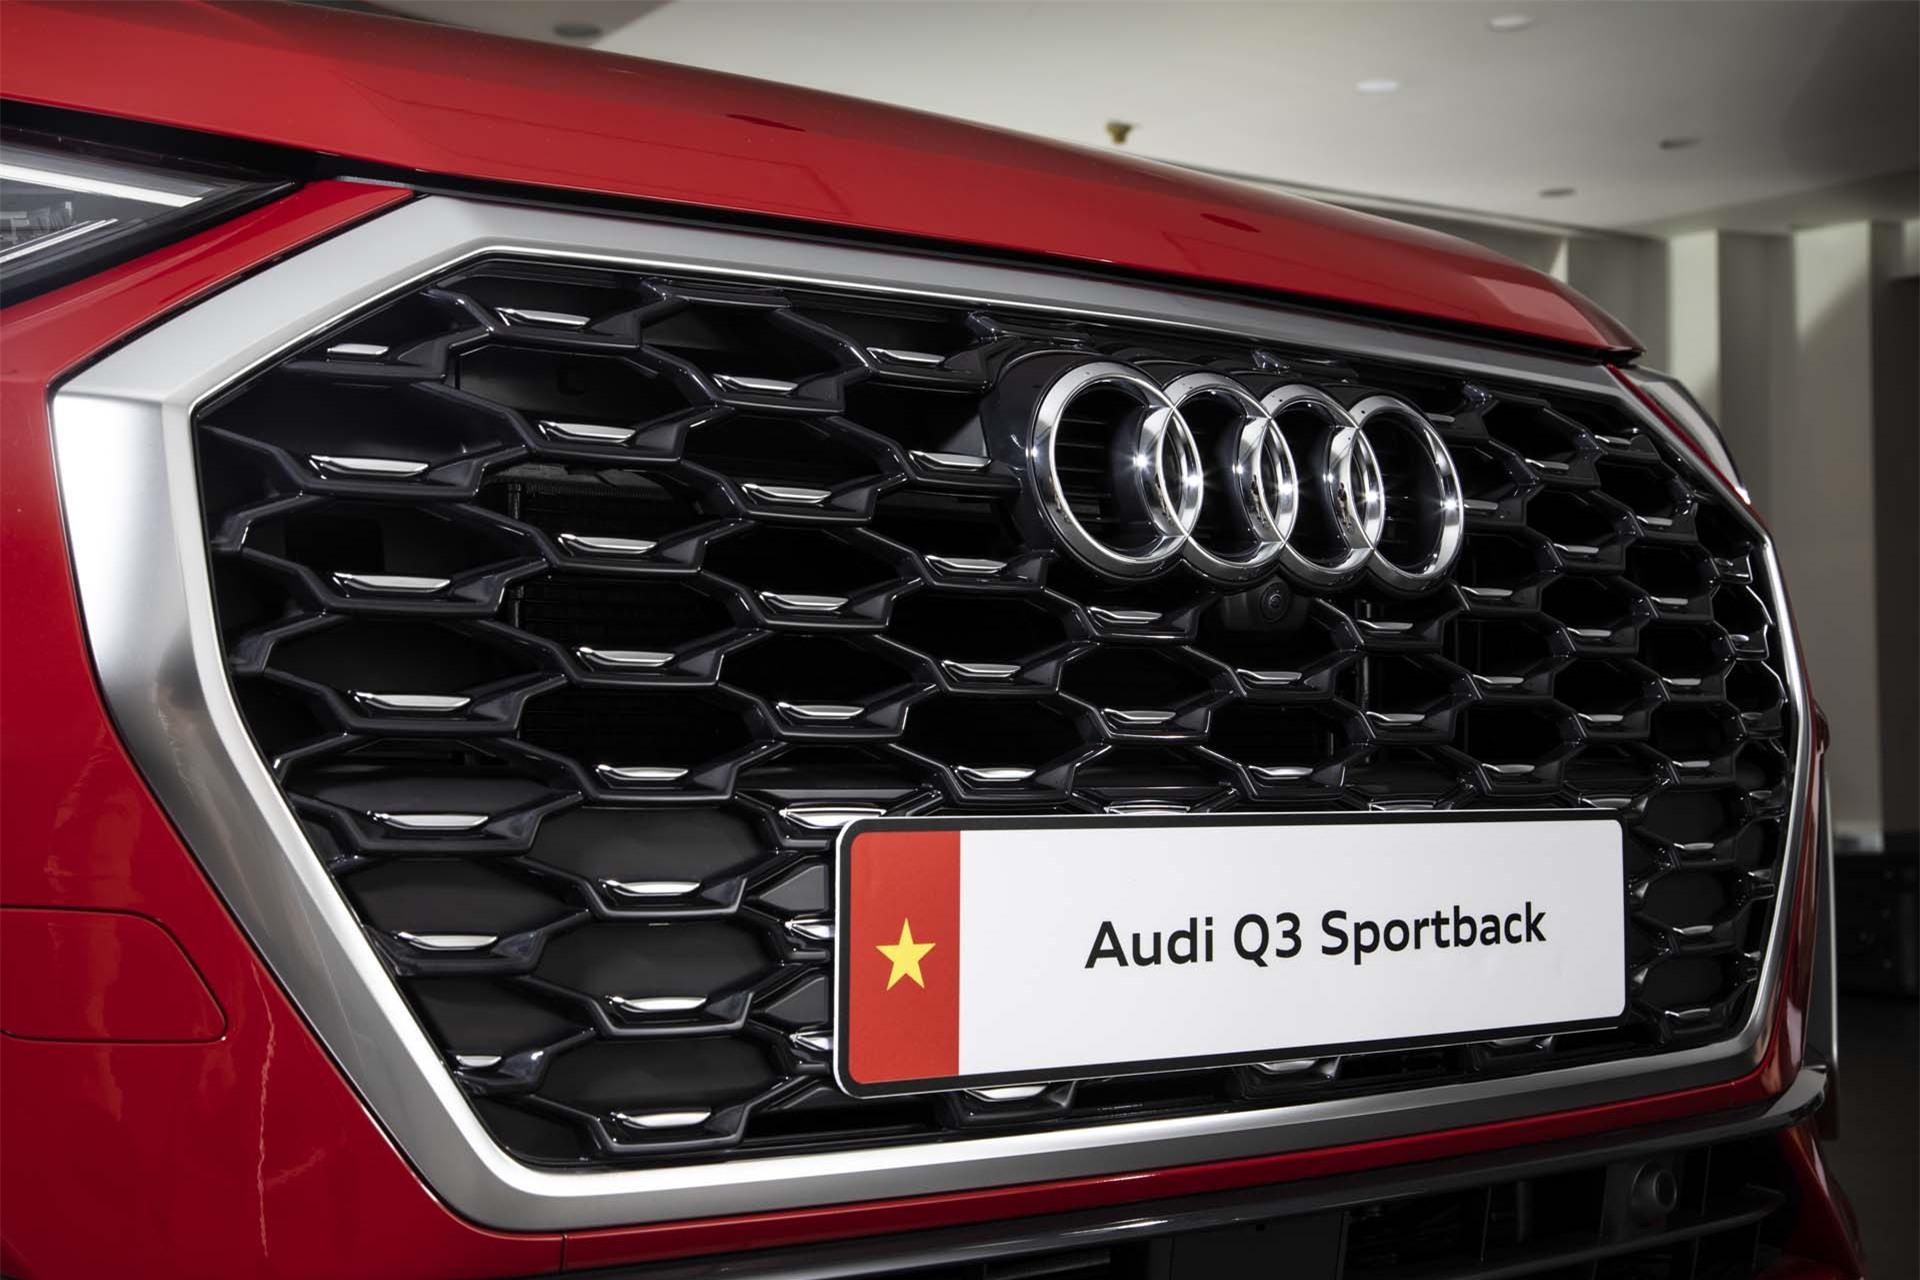 Tản nhiệt xe Audi Q3 Sportback